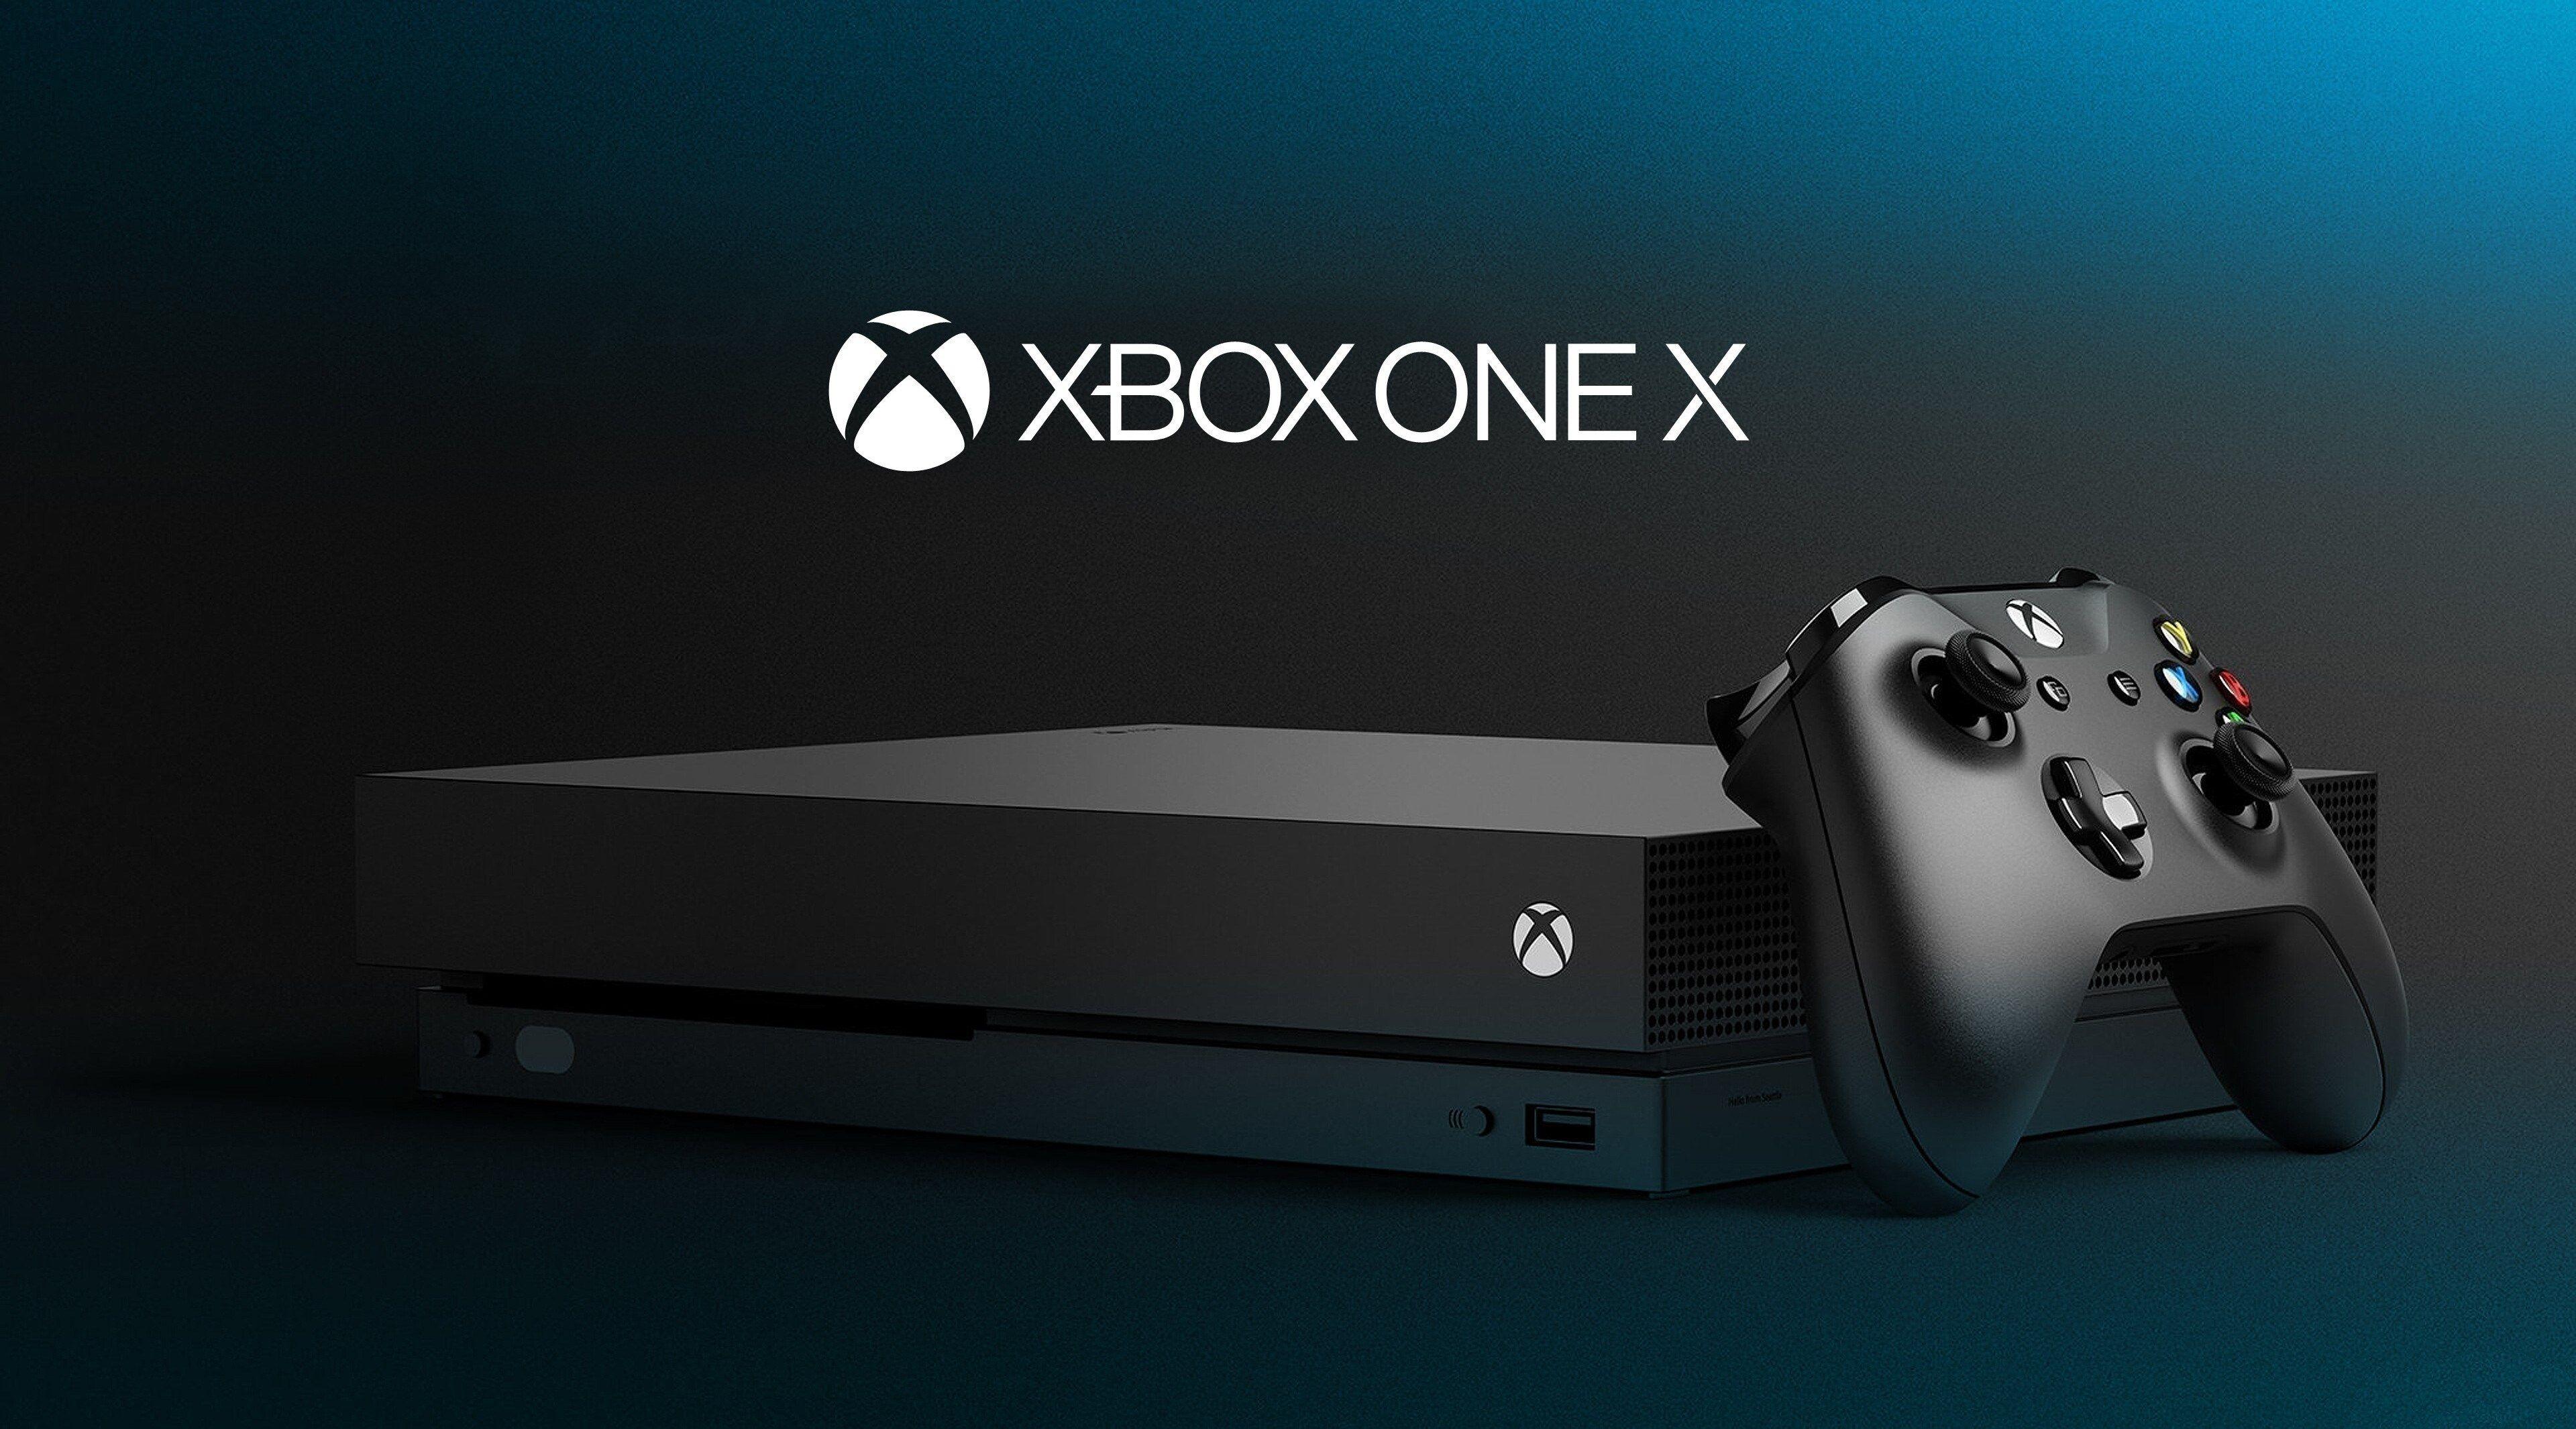 3840x2130 Xbox One X 4k Background Desktop Xbox One Xbox Xbox One S